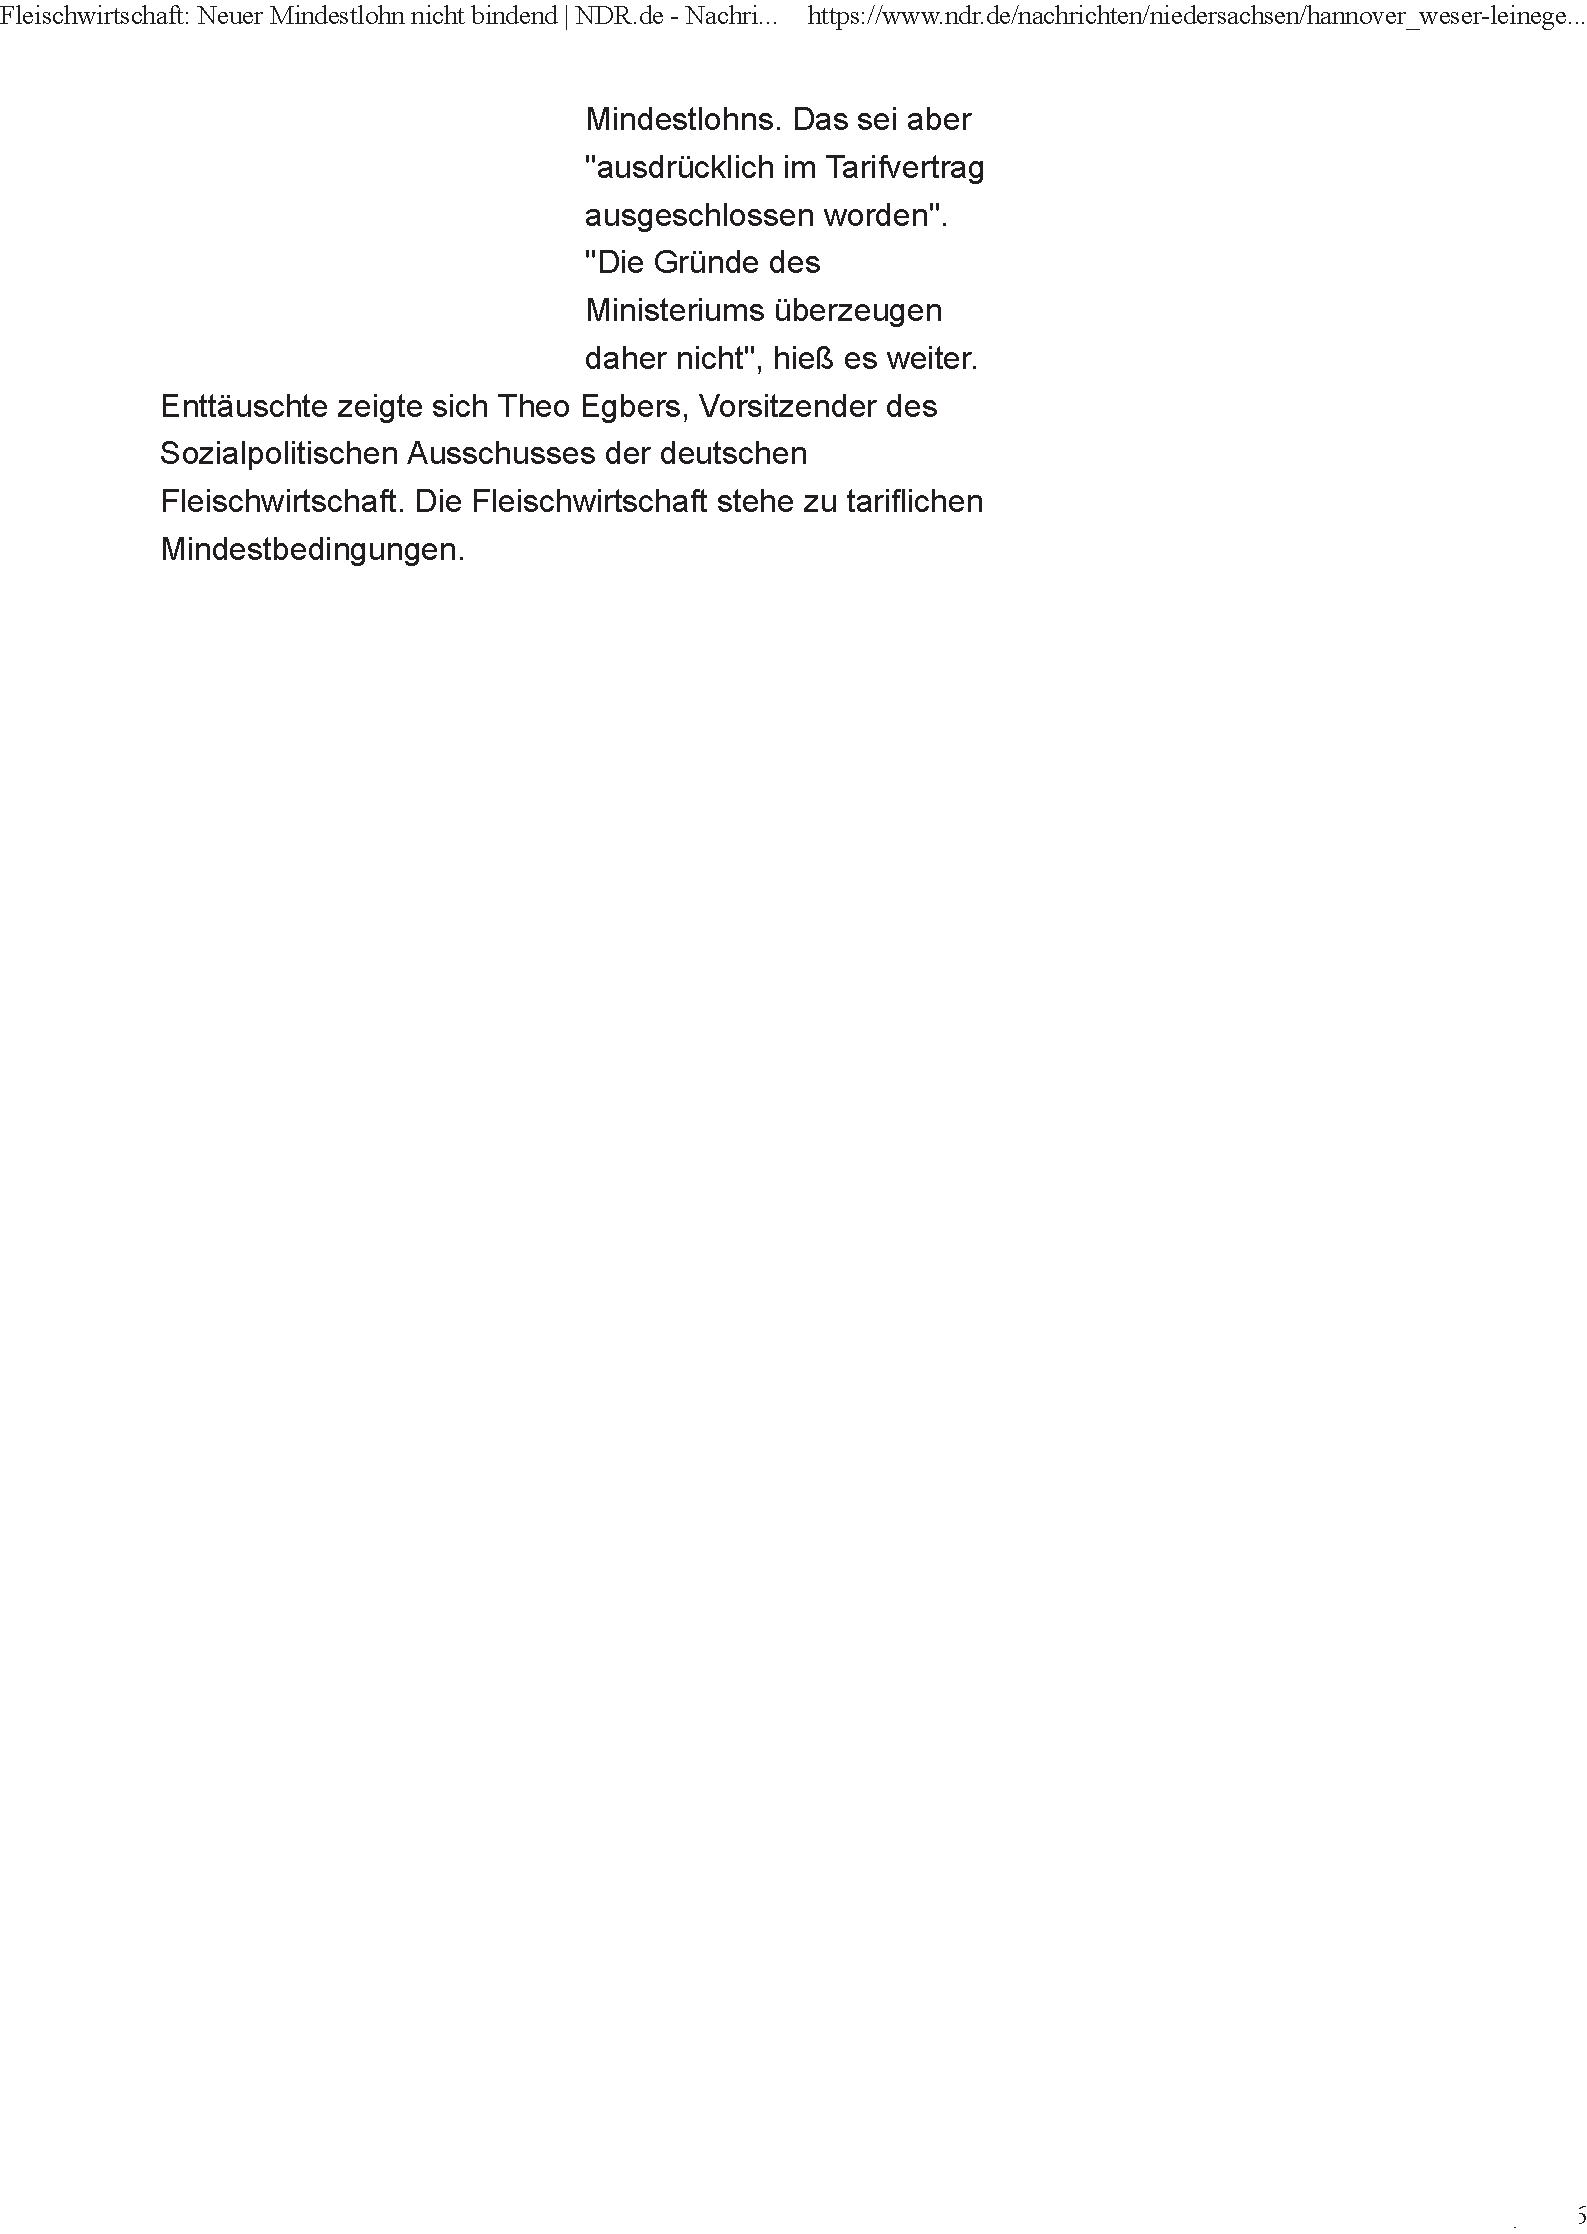 NDR 27.08.2018 Fleischwirtschaft Neuer MiLO nicht bindend_Seite_2